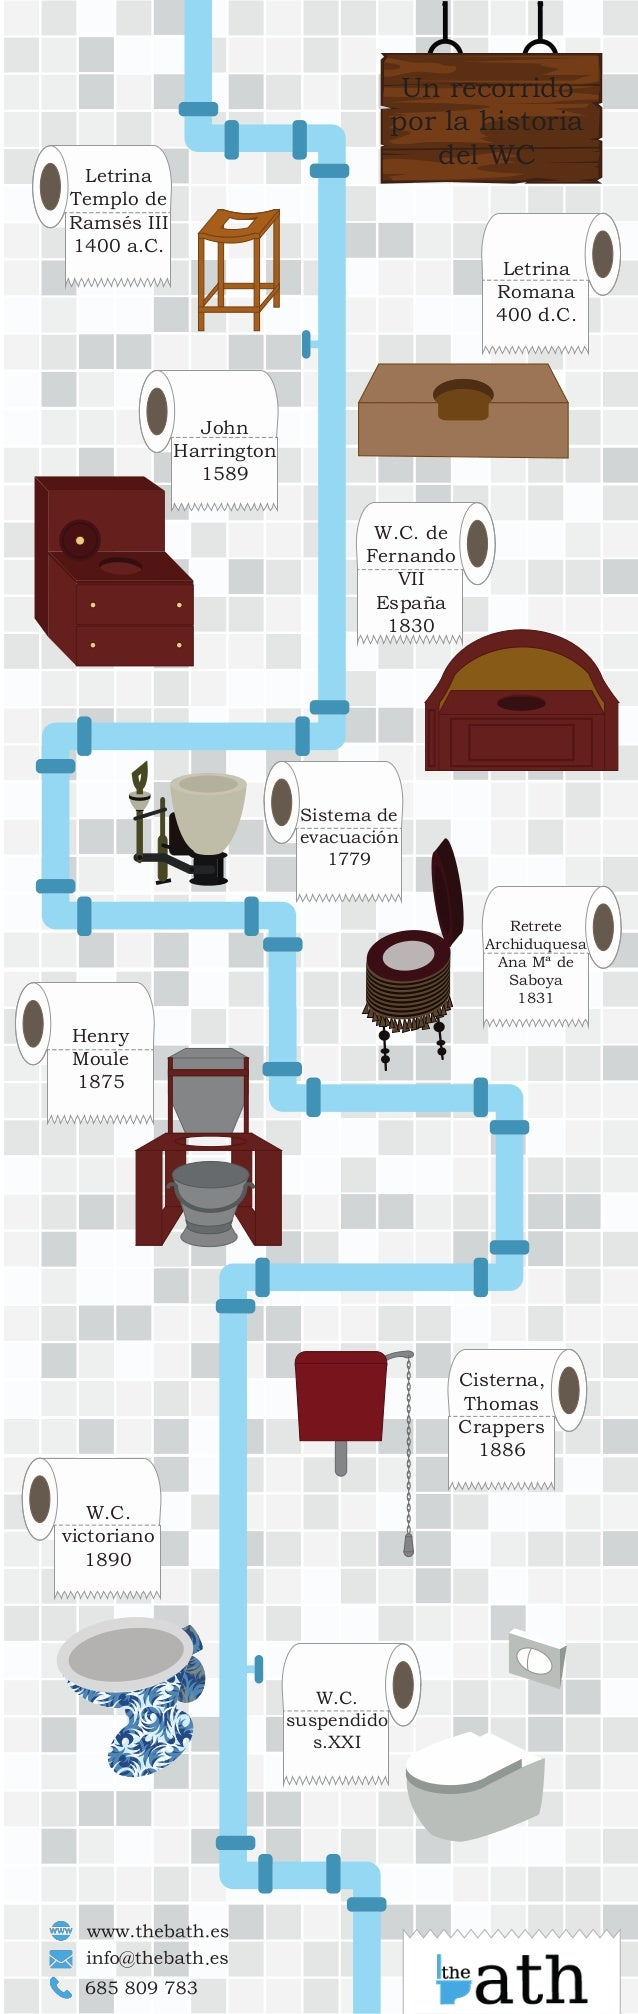 la historia del wc. Black Bedroom Furniture Sets. Home Design Ideas